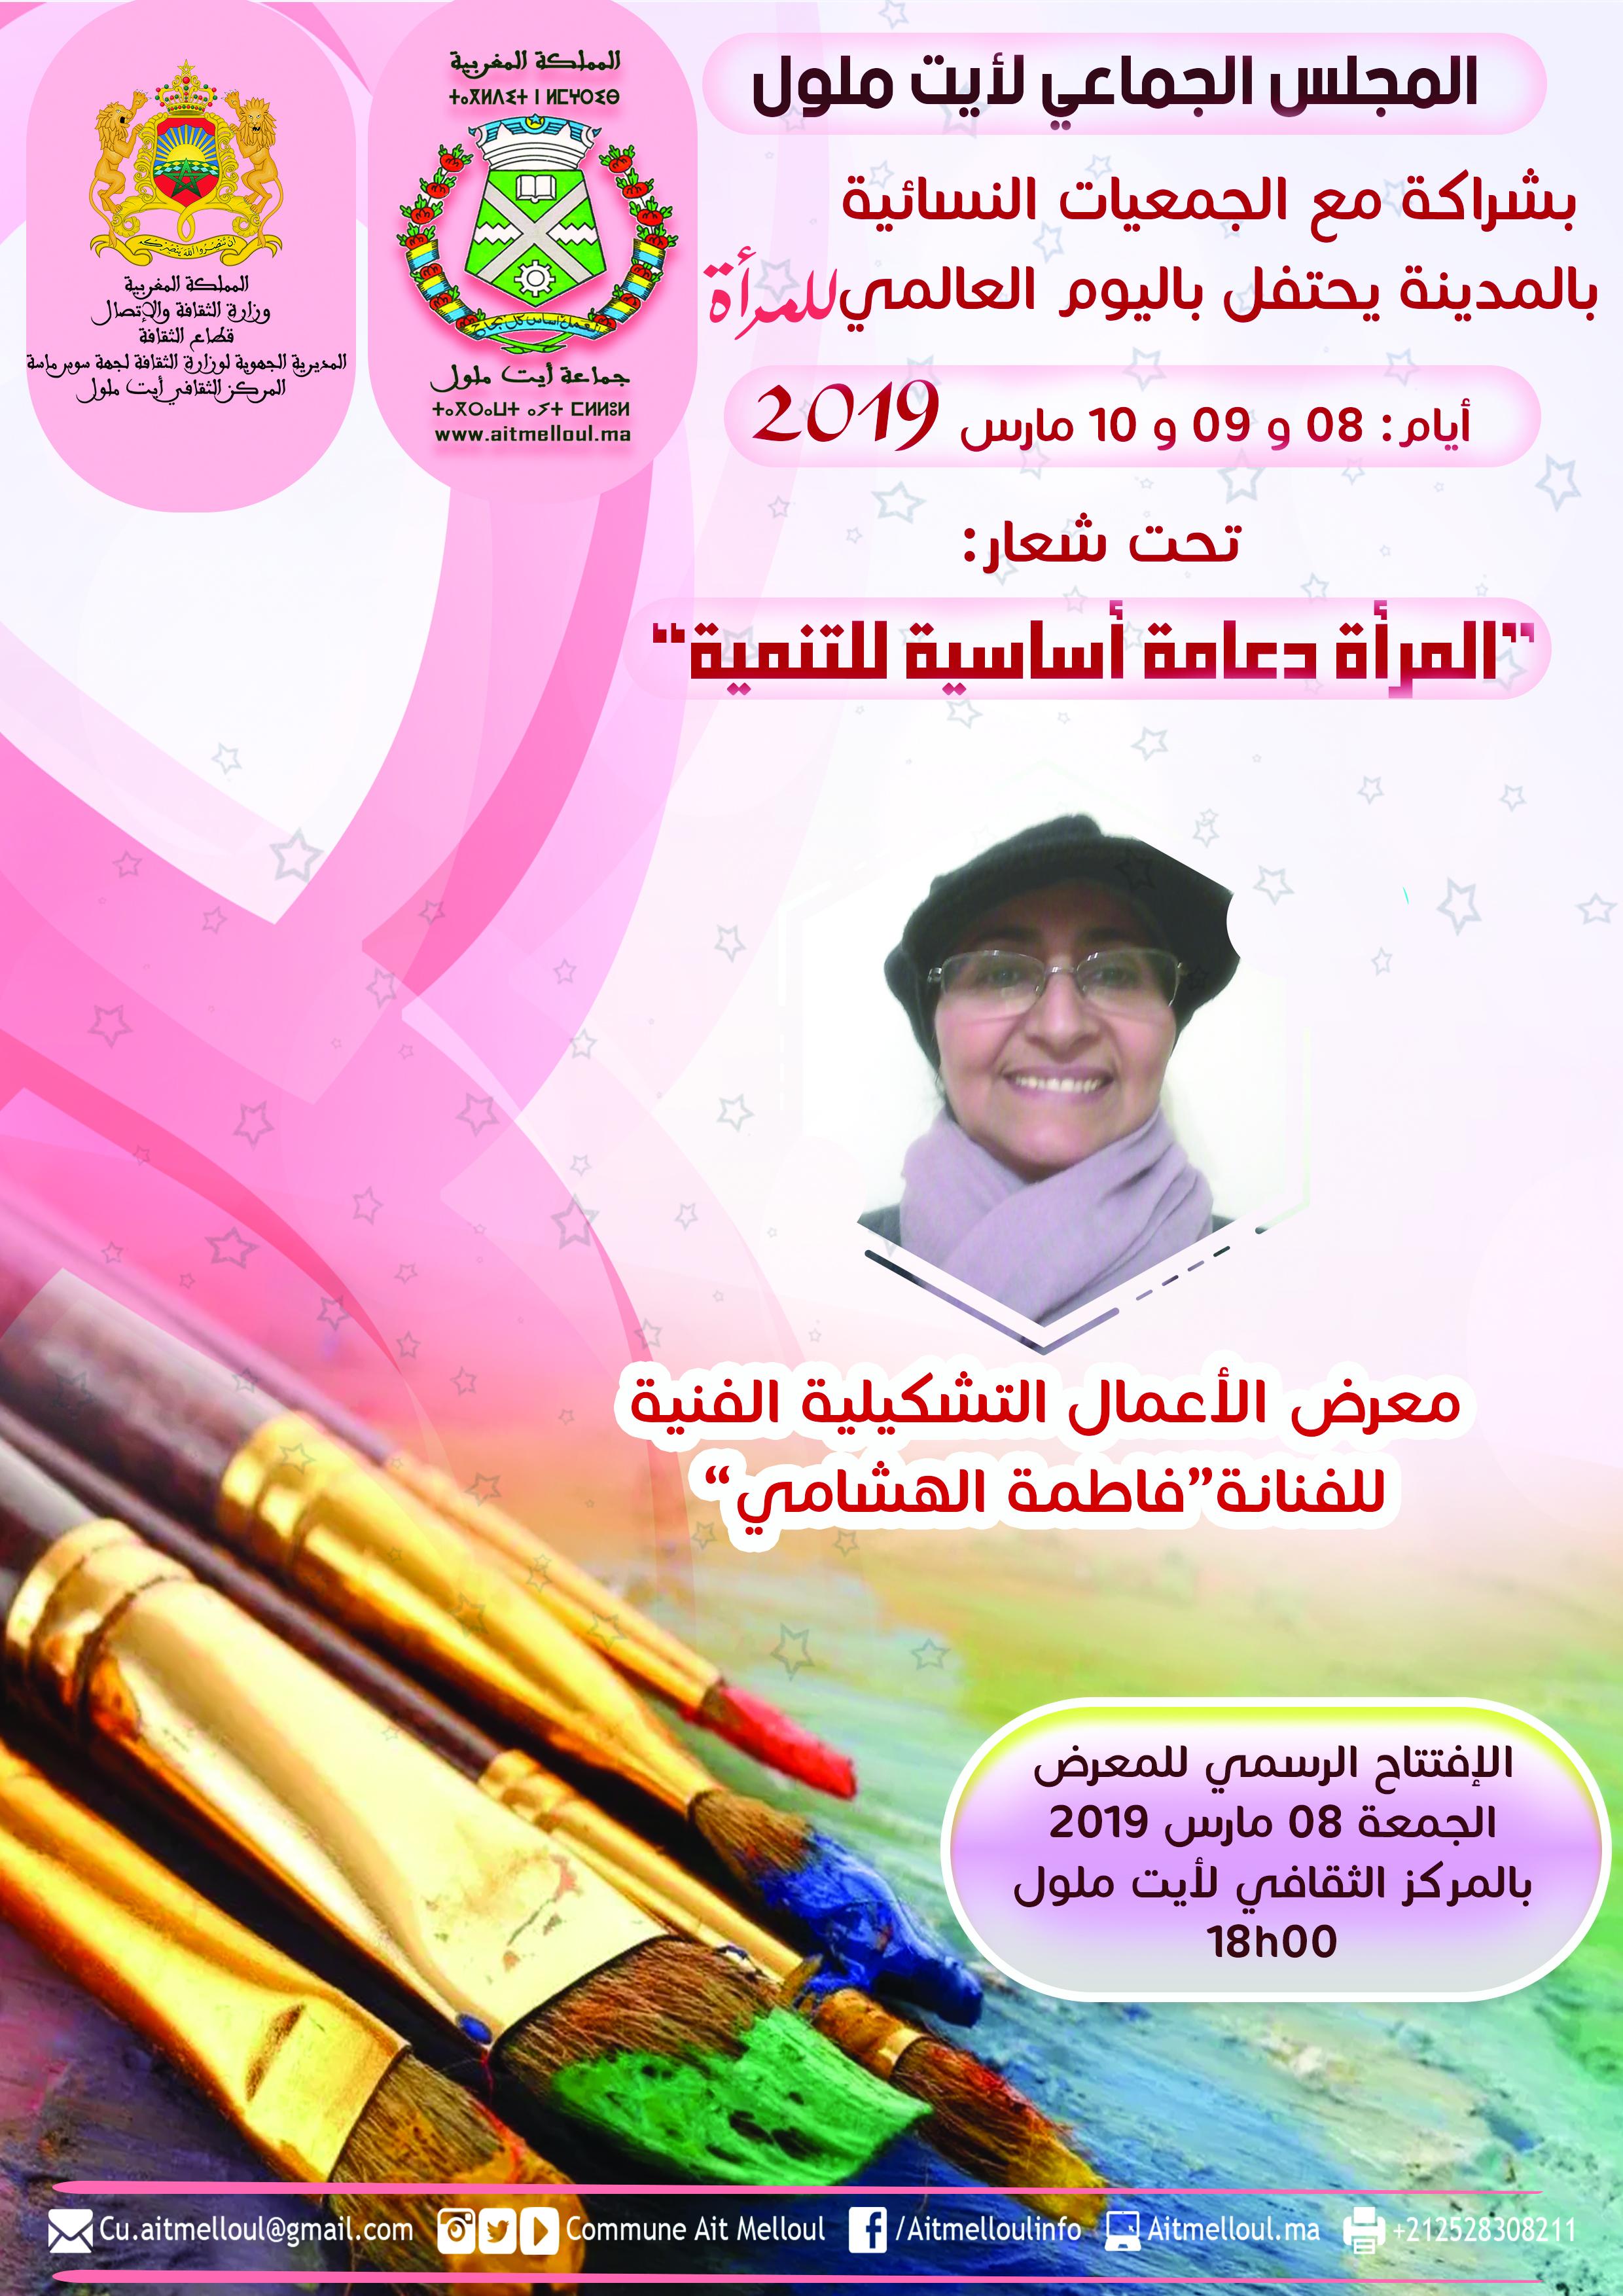 """معرض للأعمال التشكيلية الفنية للفنانة""""فاطمة الهشامي"""" بمناسبة اليوم العالمي للمرأة"""